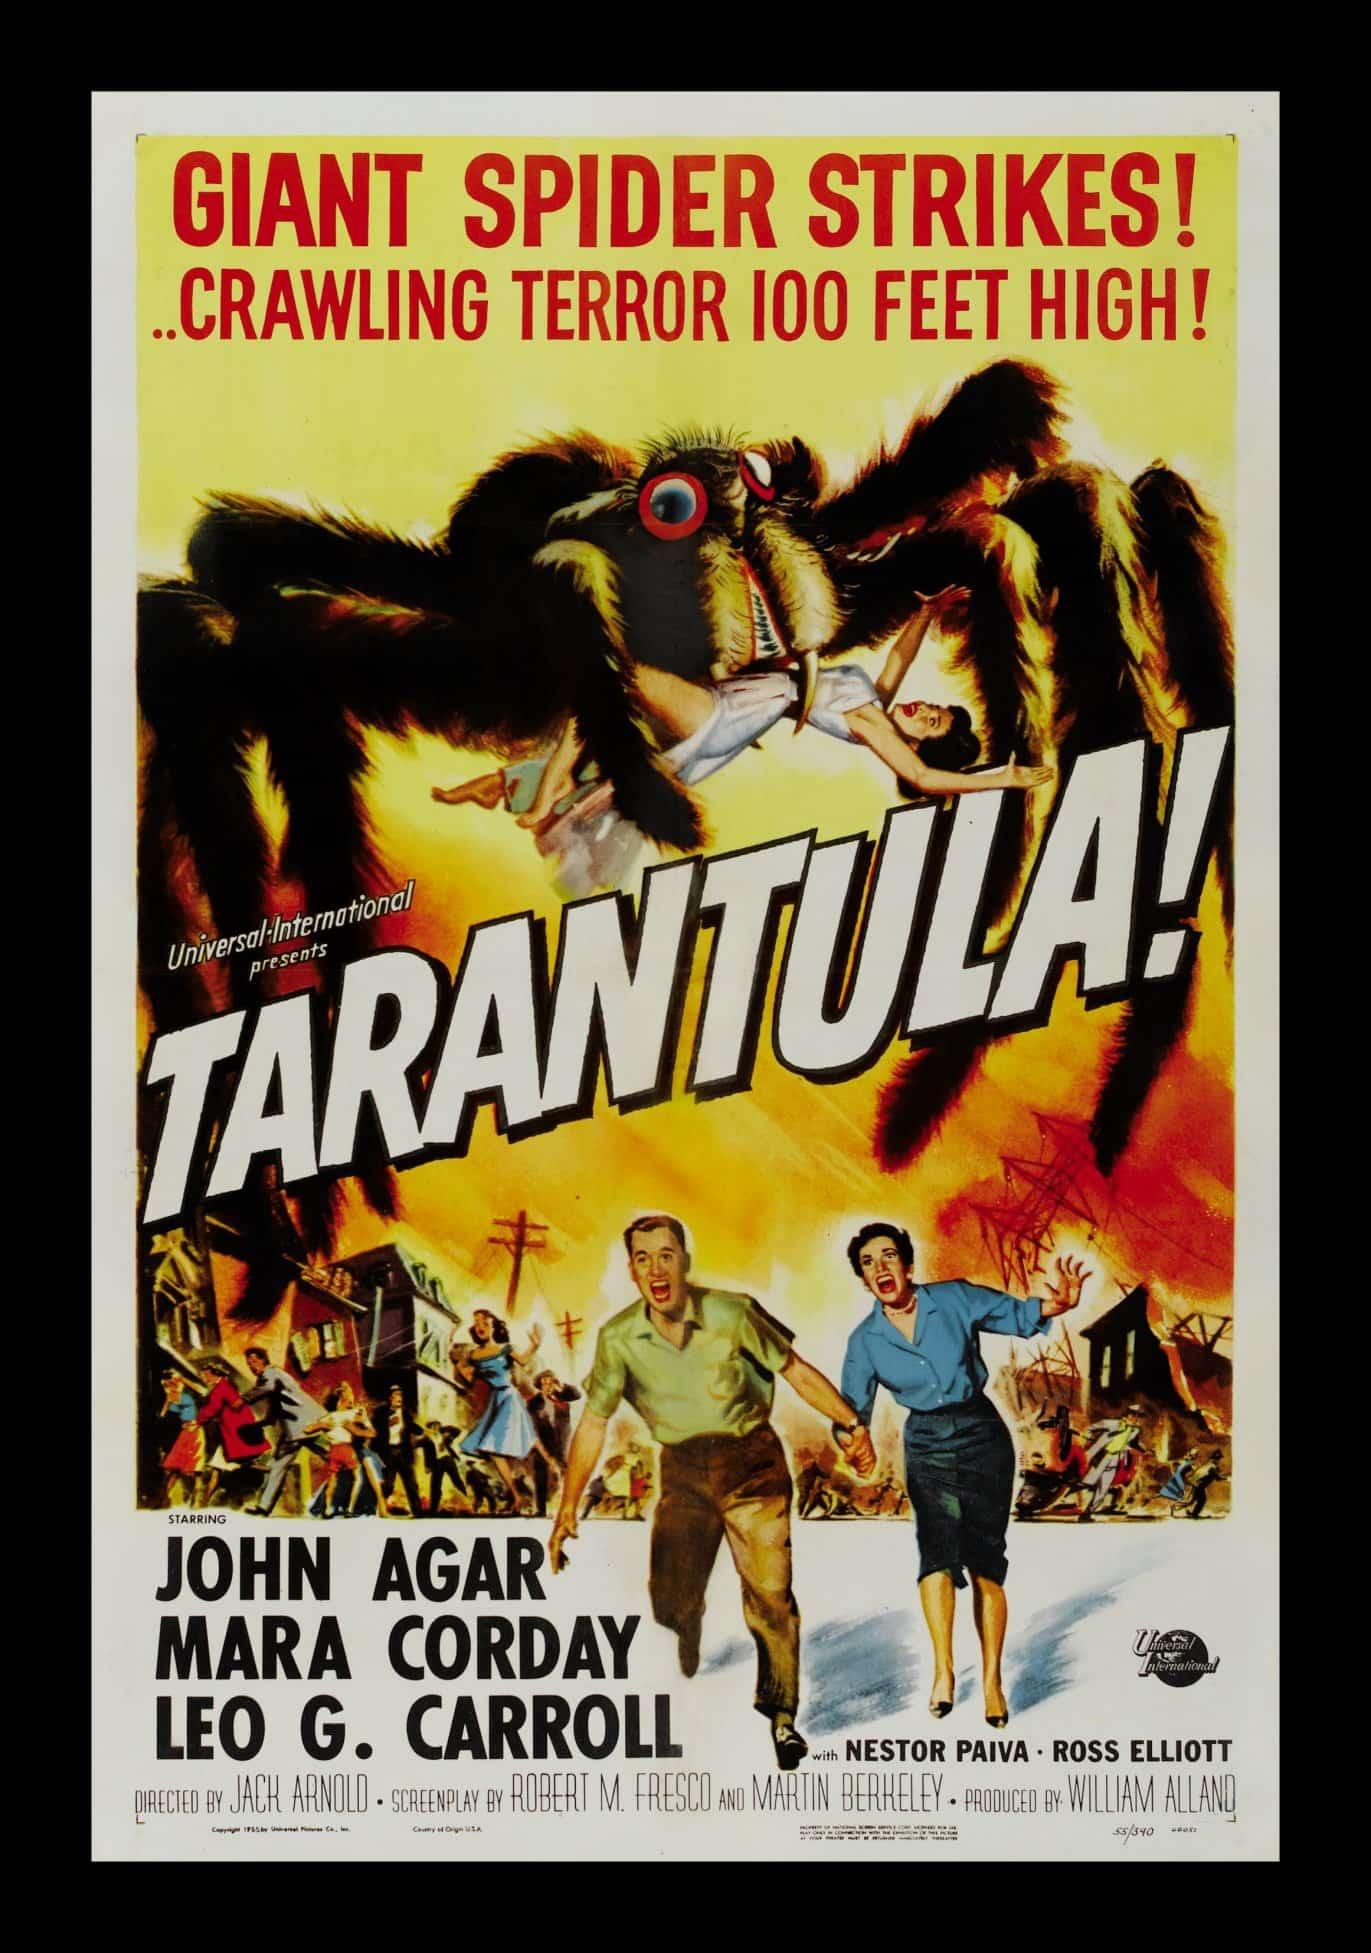 Tarantula! Giant Spider Strikes 1955 Retro Movie Poster